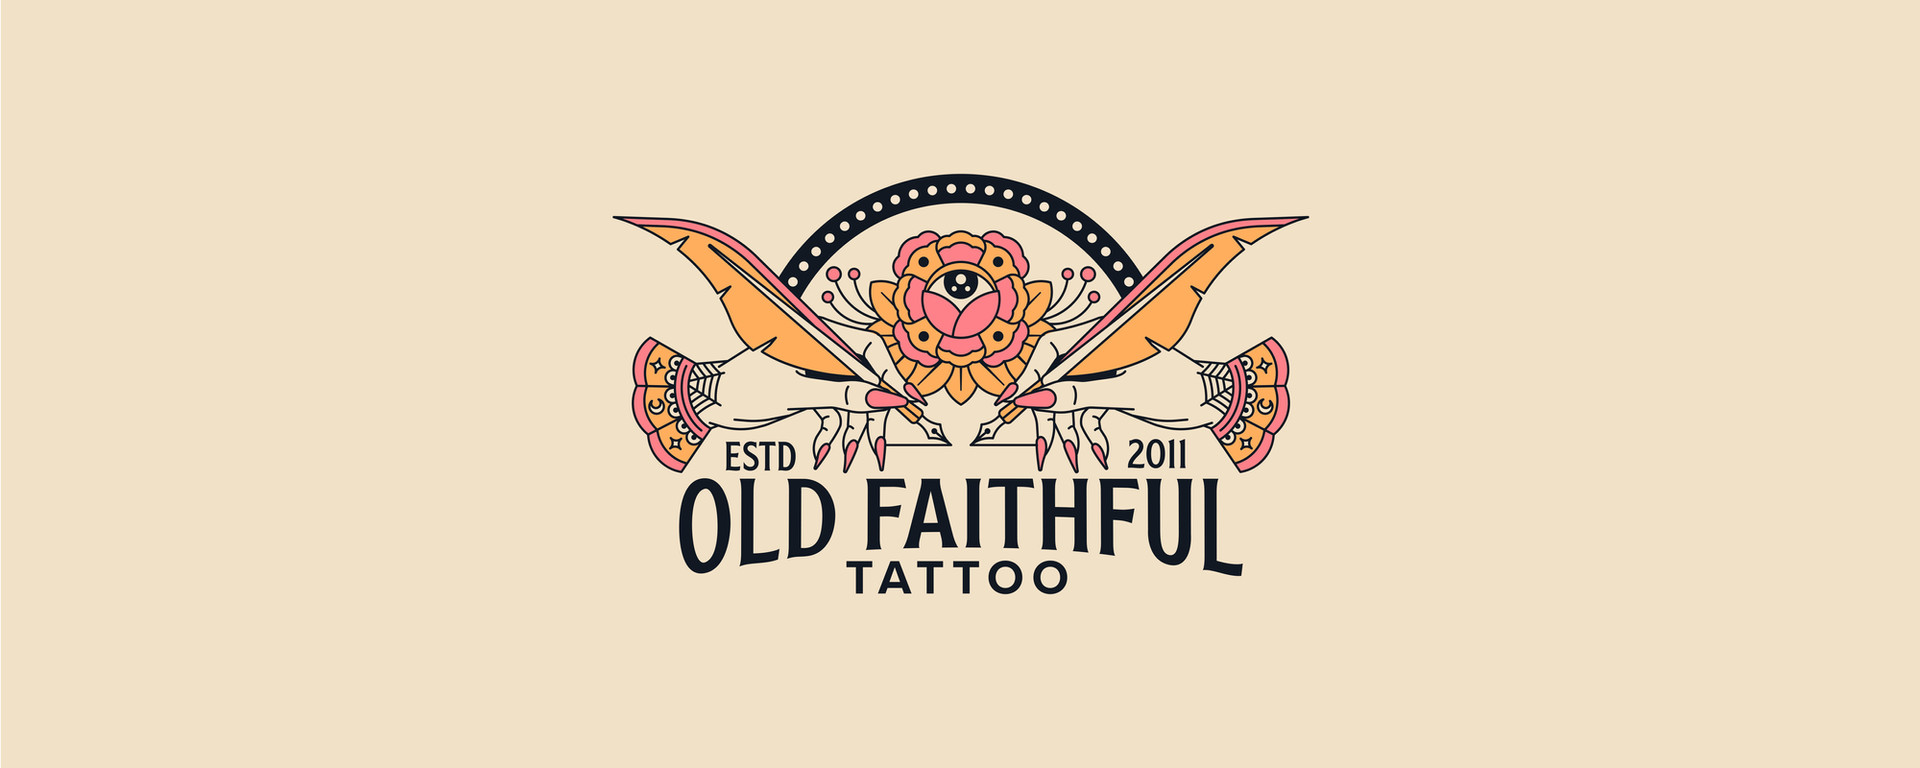 OLD FAITHFUL TATTOO